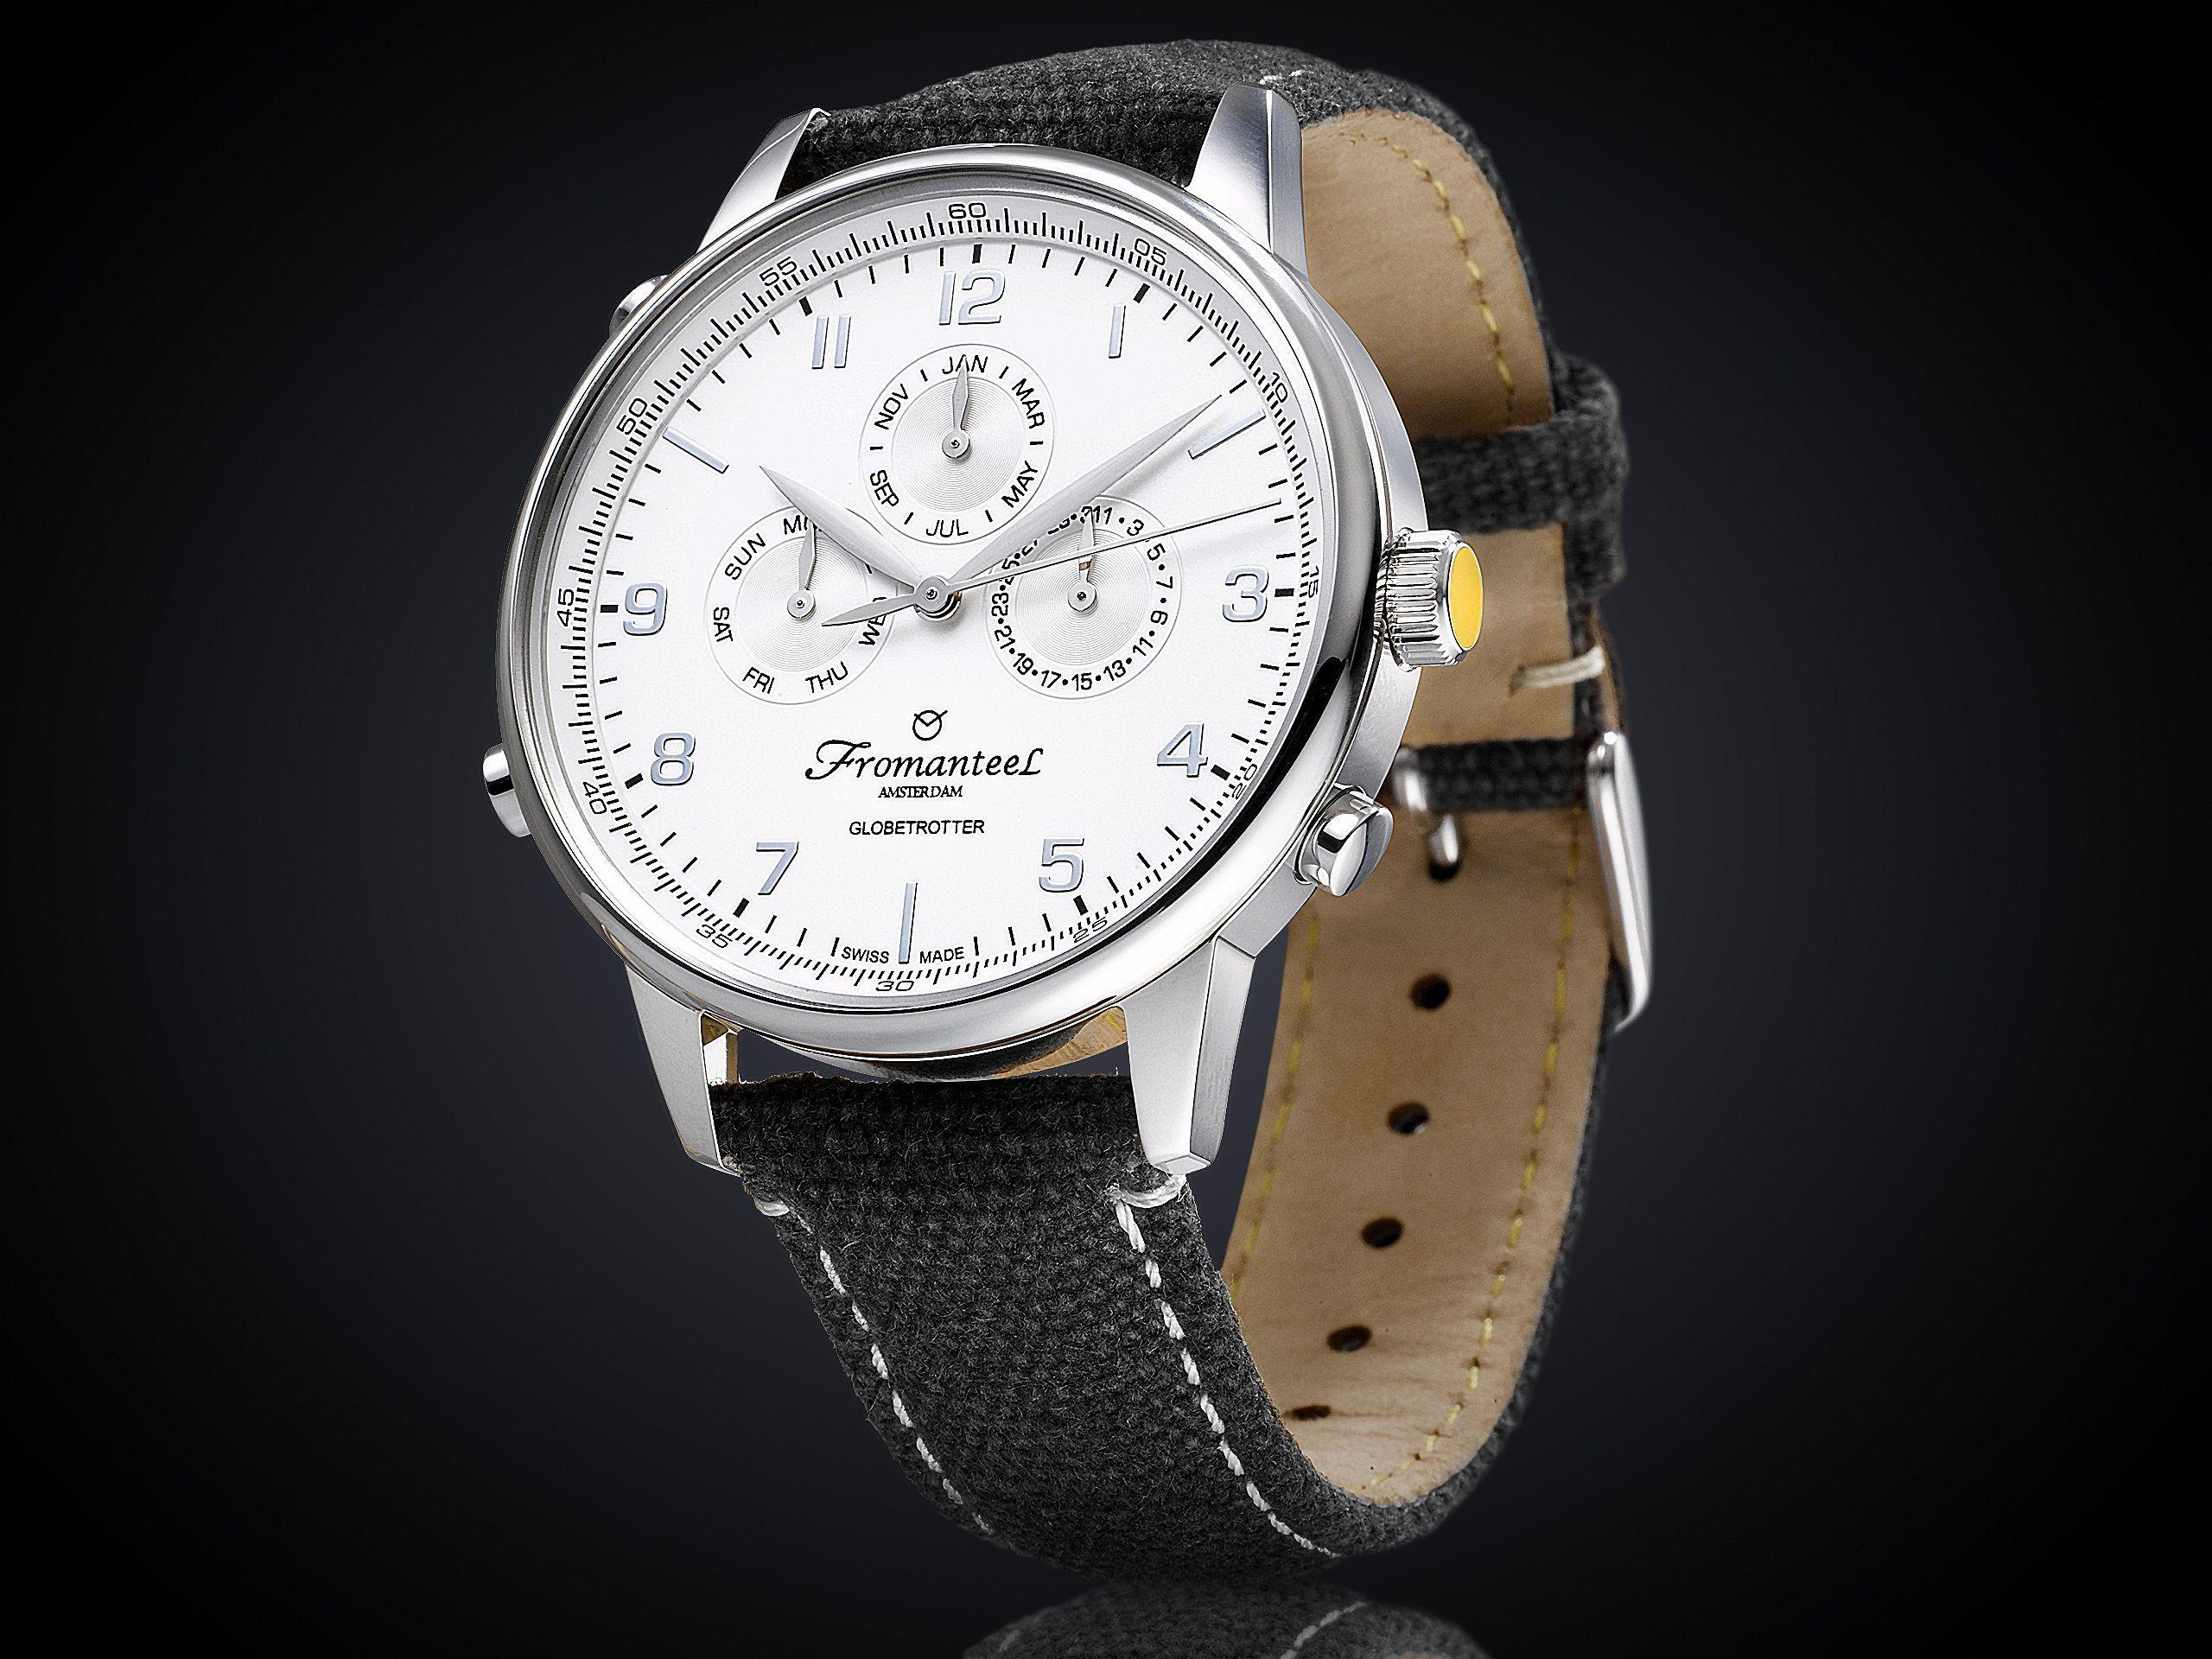 Fromanteel globetrotter horloge met witte wijzerplaat GT-0501